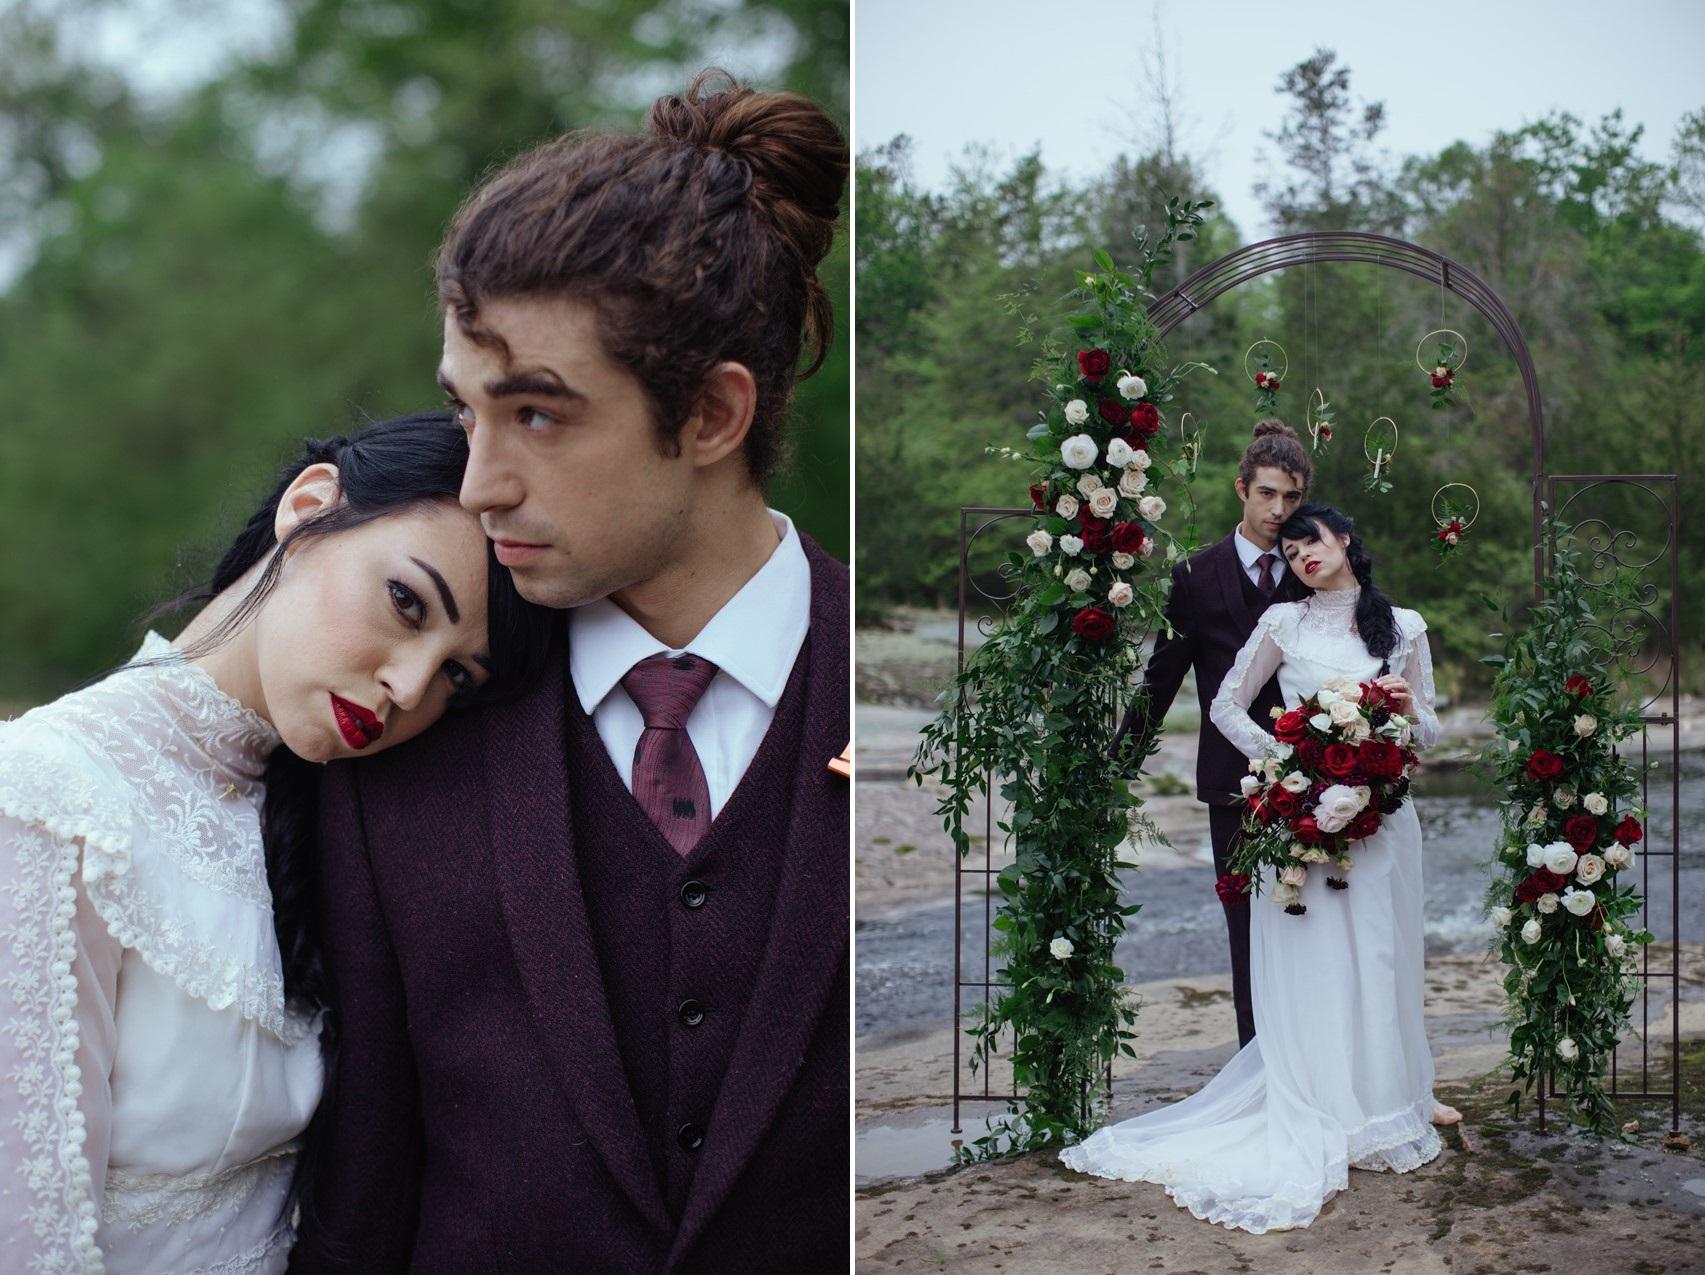 8b-Gothic-Romantic-Bride-Groom